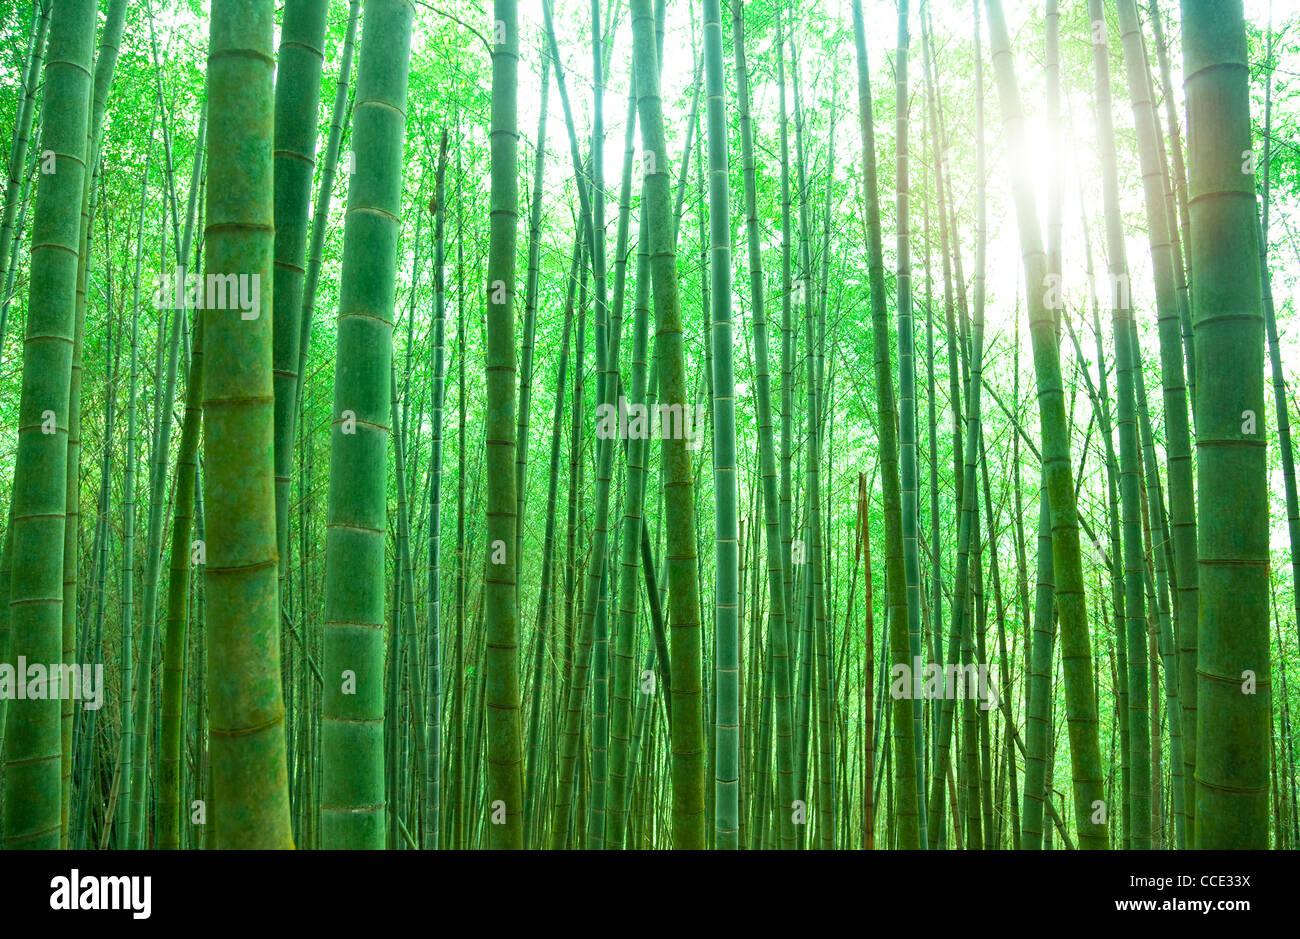 Verde foresta di bamboo con la luce solare Immagini Stock